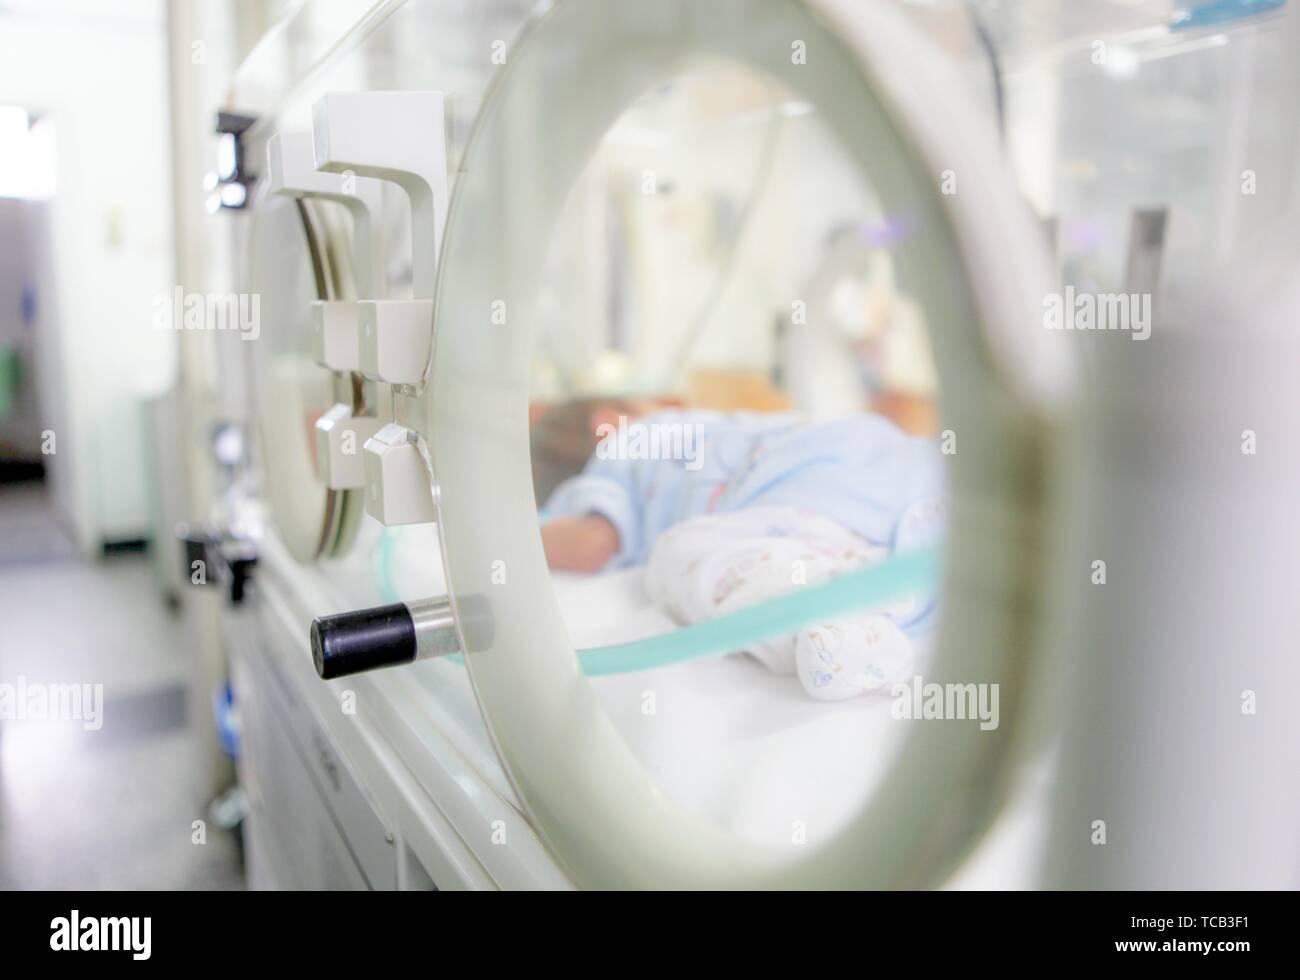 SLIVEN, BULGARIA - Enero 21, 2012: el bebé recién nacido en el hospital. Foto de stock